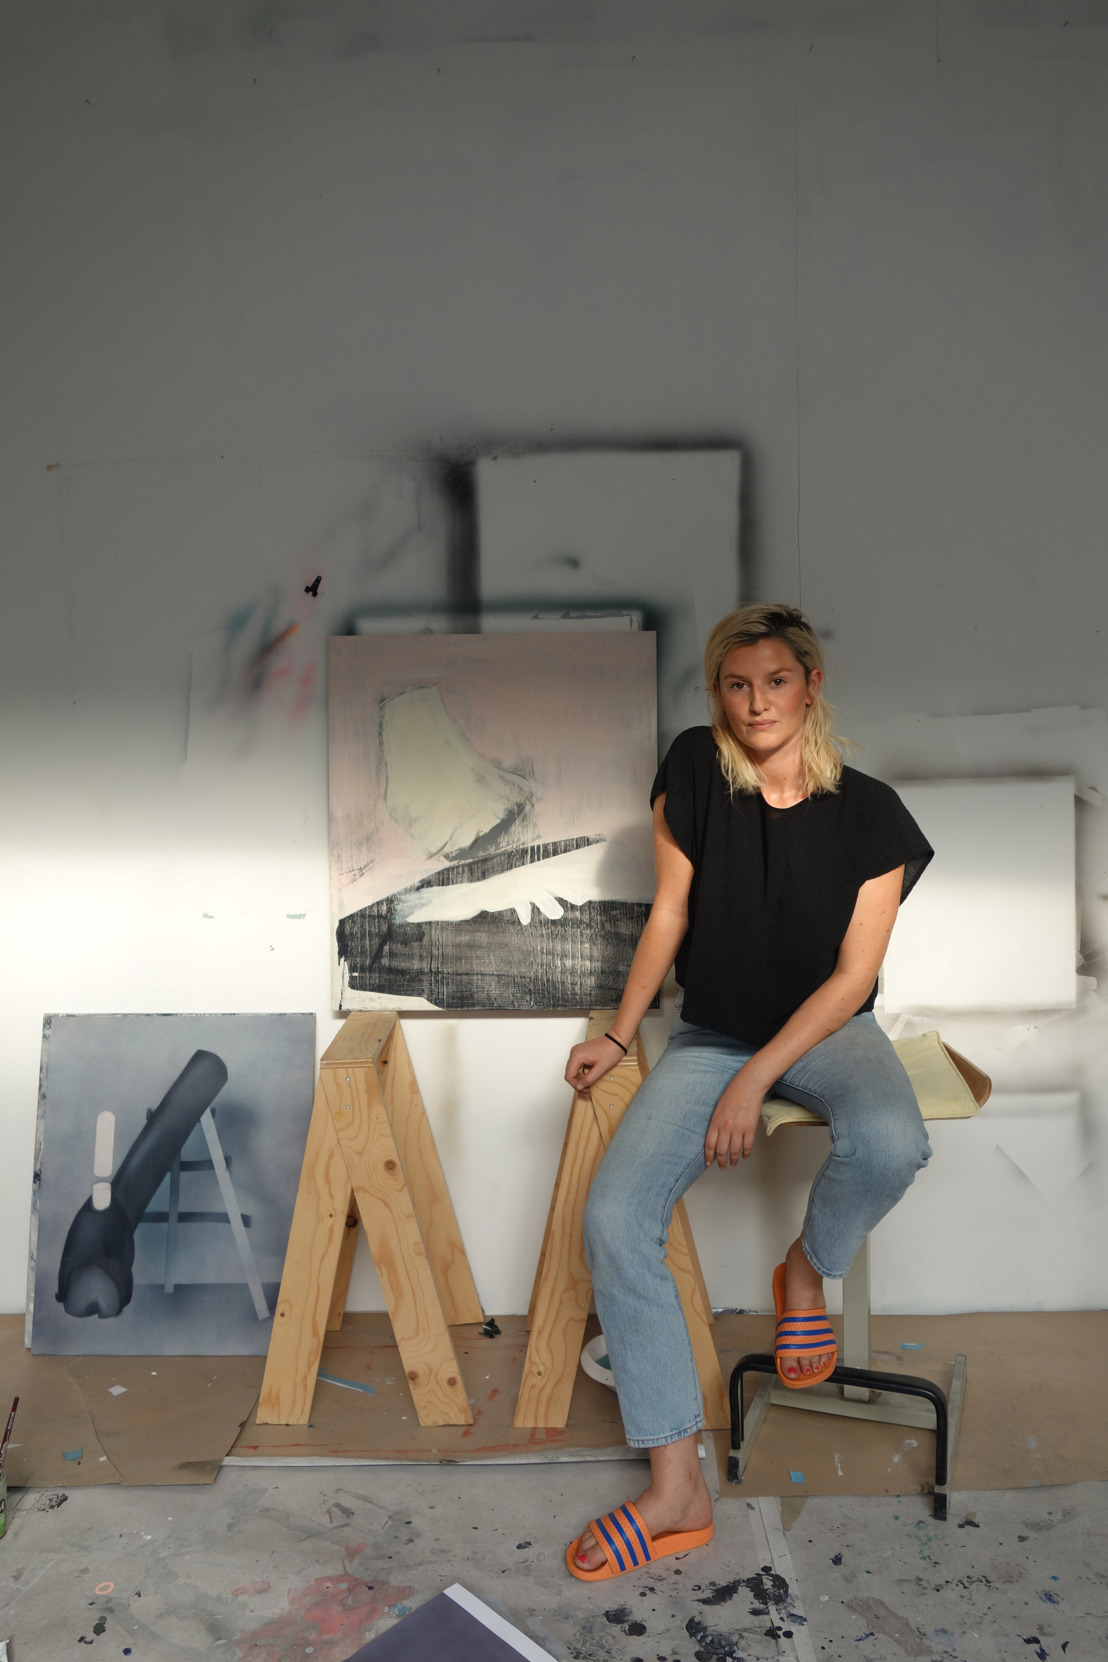 Antwerpse kunstenares Ellen Pil heft Belgische grenzen op tijdens gloednieuwe expo